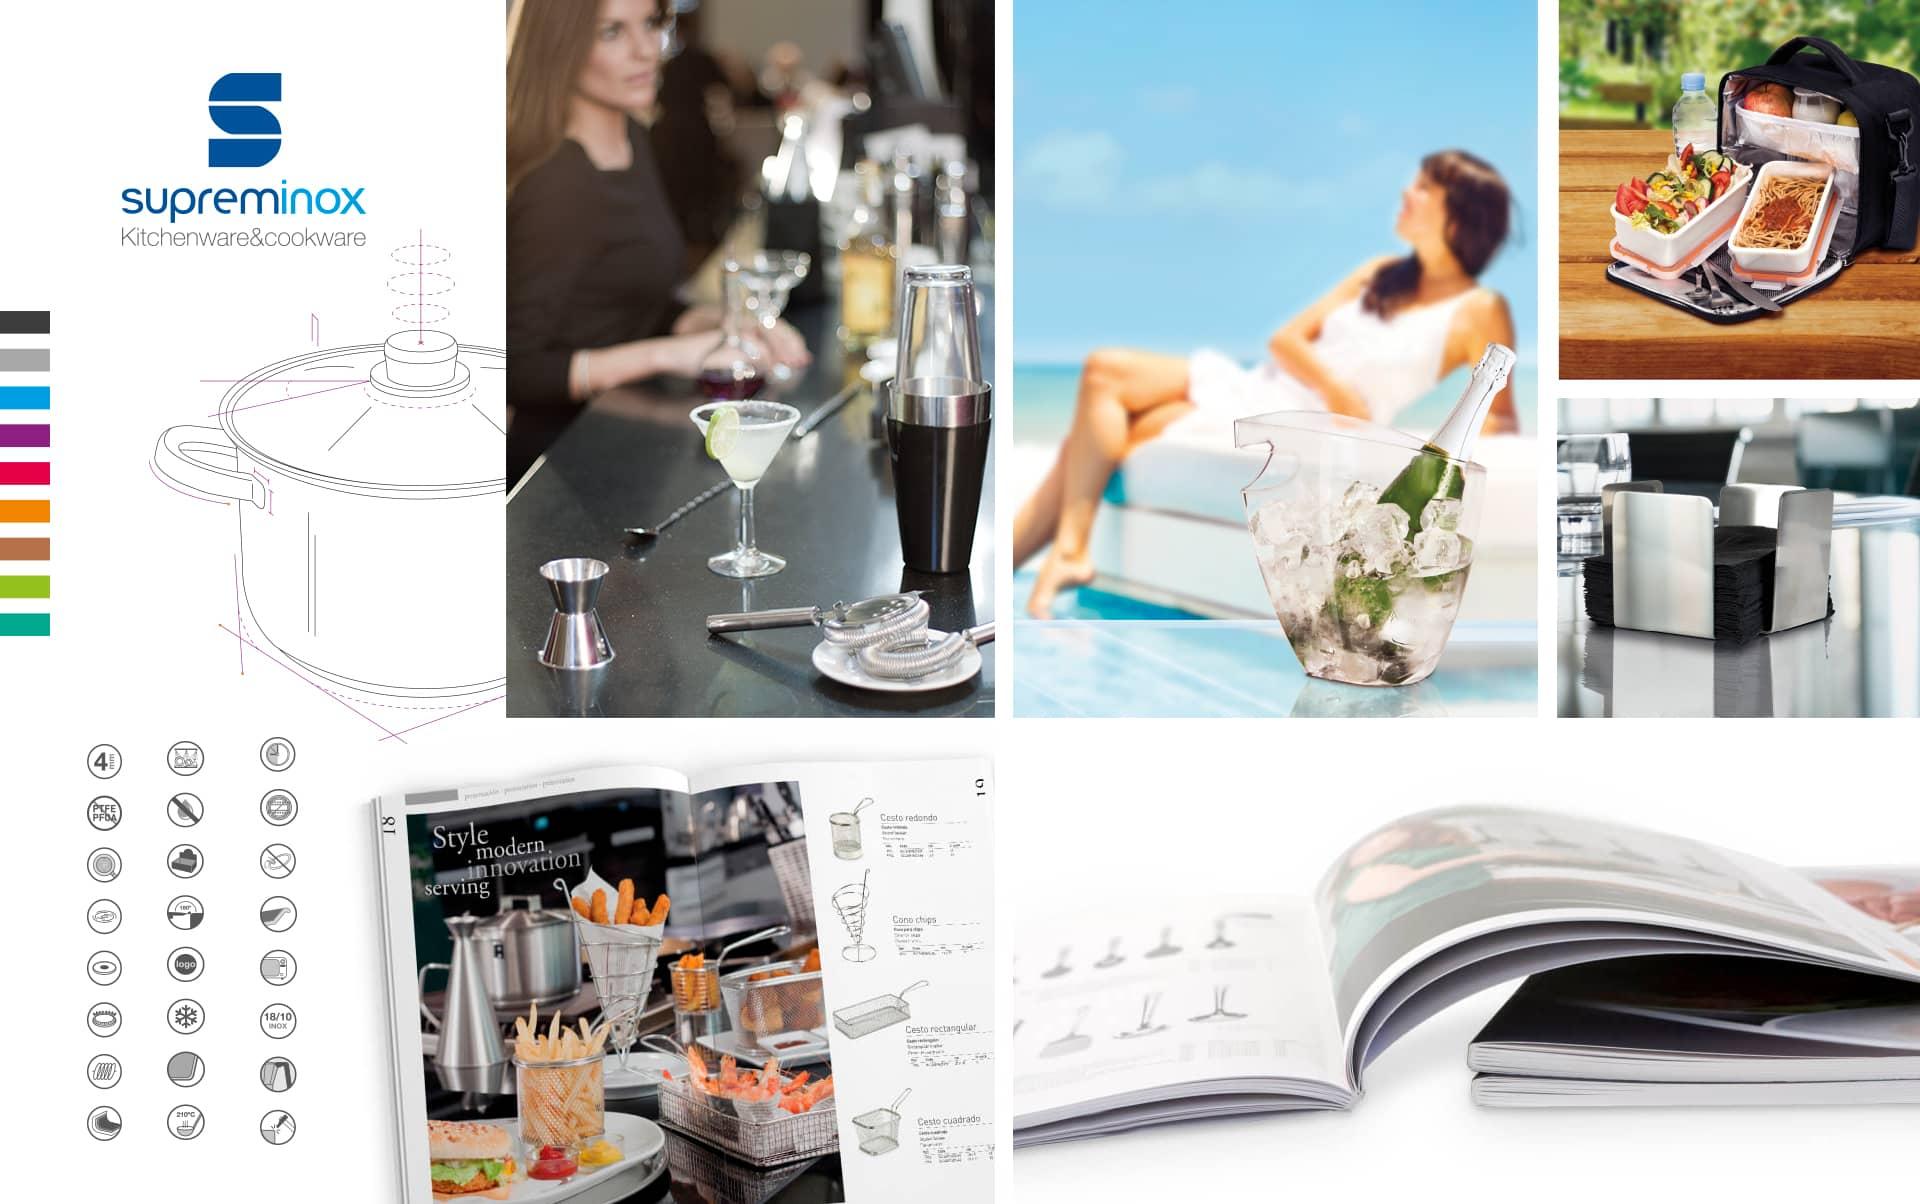 03 Catalogo de productos horeca supreminox - Diseño y maquetación de catalogo de productos